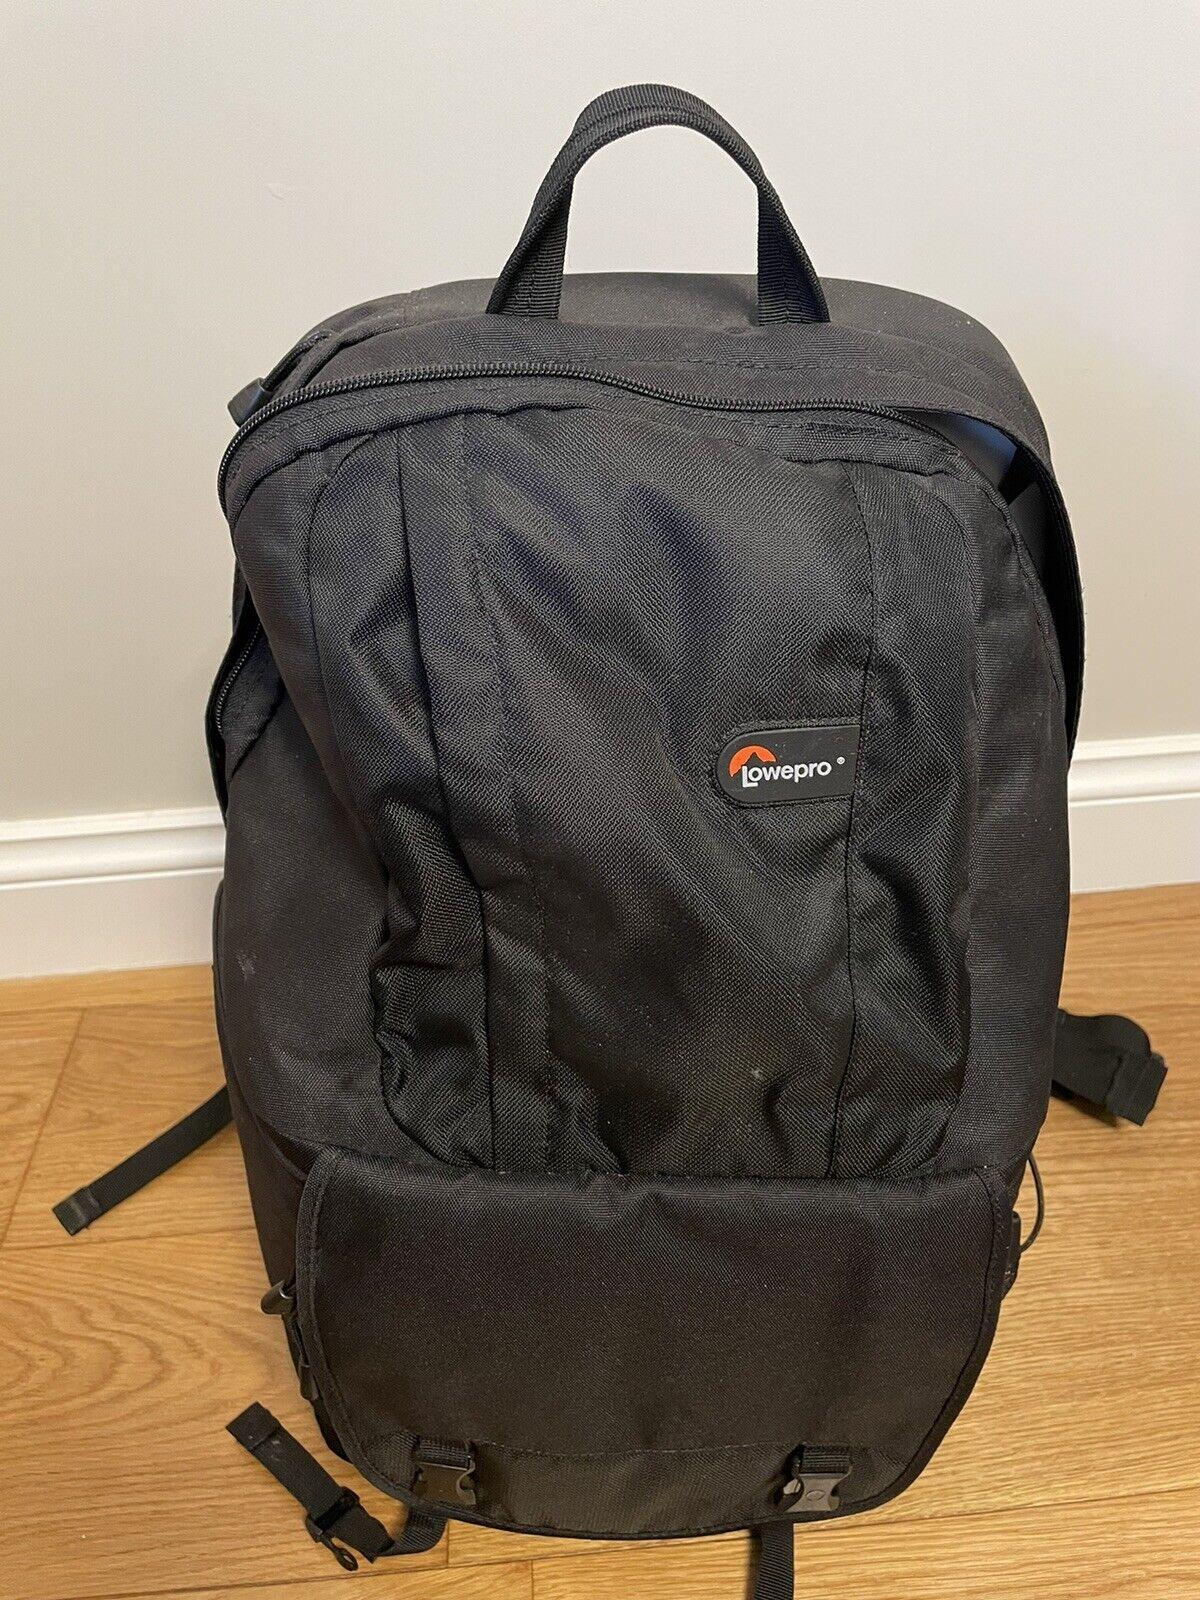 Lowepro Fastpack 350 Camera Bag Backpack